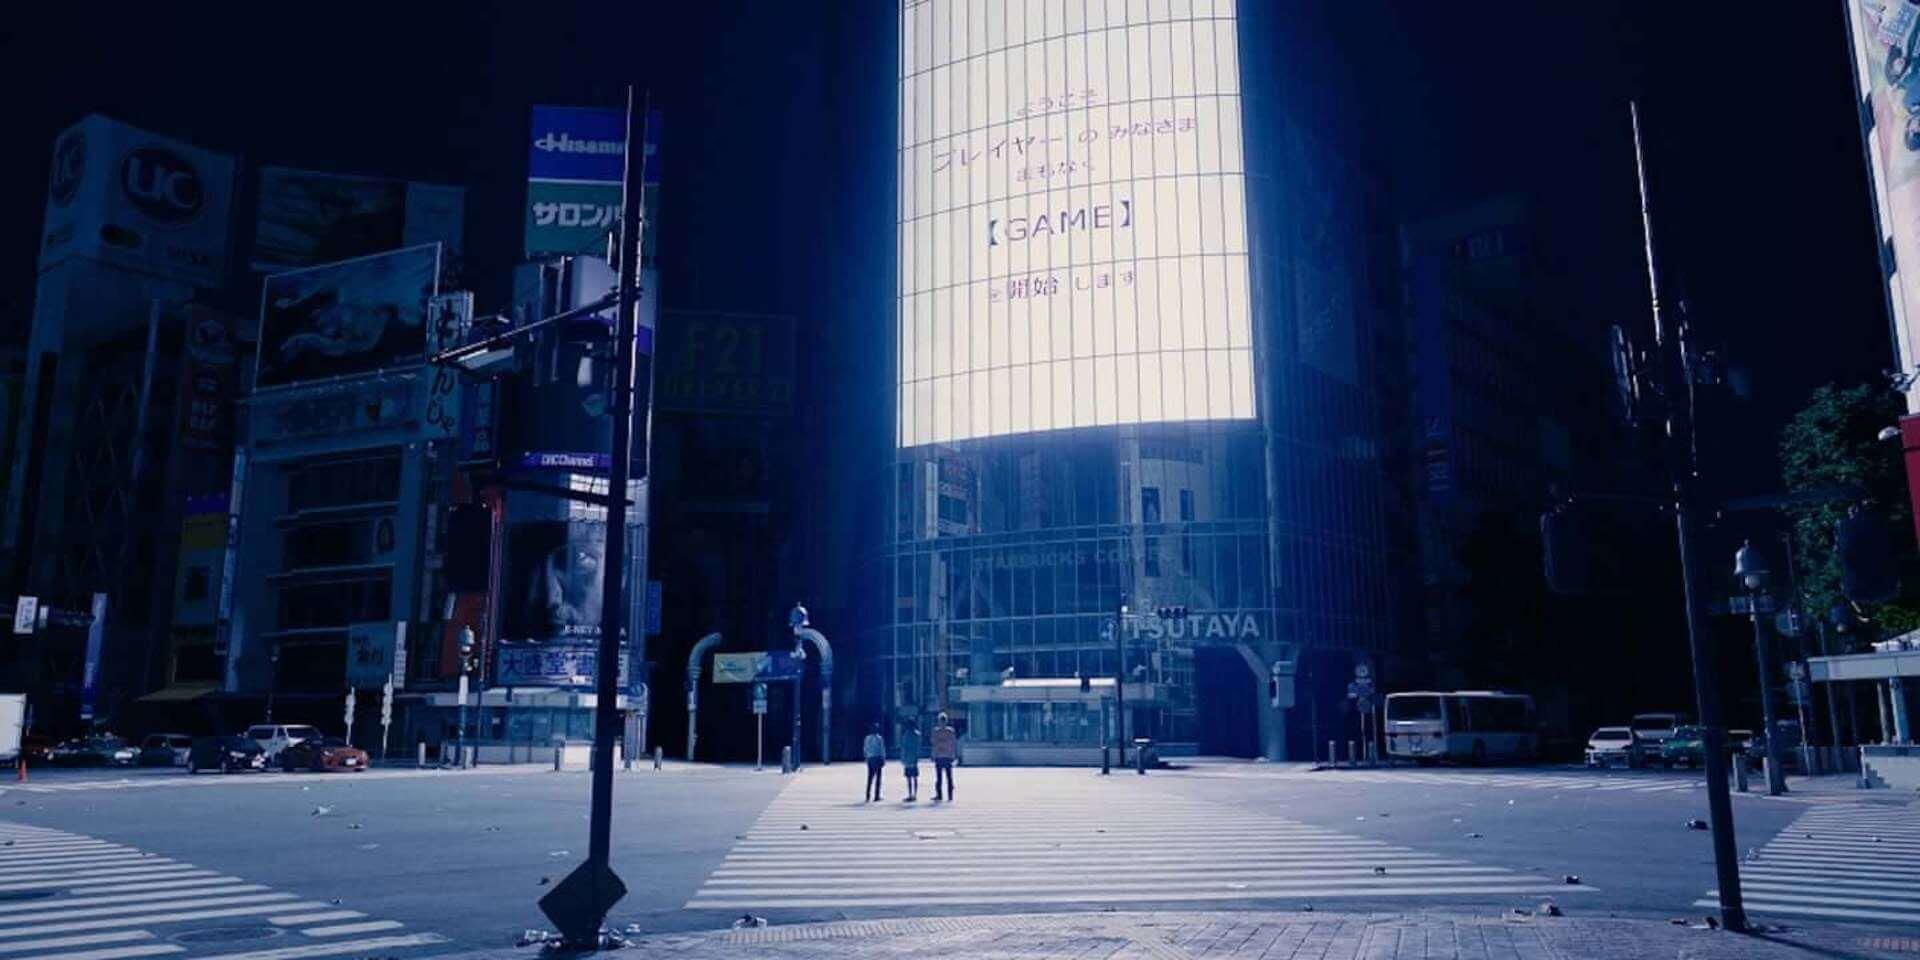 山﨑賢人演じるアリスが「おにごっこ」で遭遇した人物とは…Netflixオリジナルシリーズ『今際の国のアリス』本編映像が解禁 art201125_netflix-alice_6-1920x960